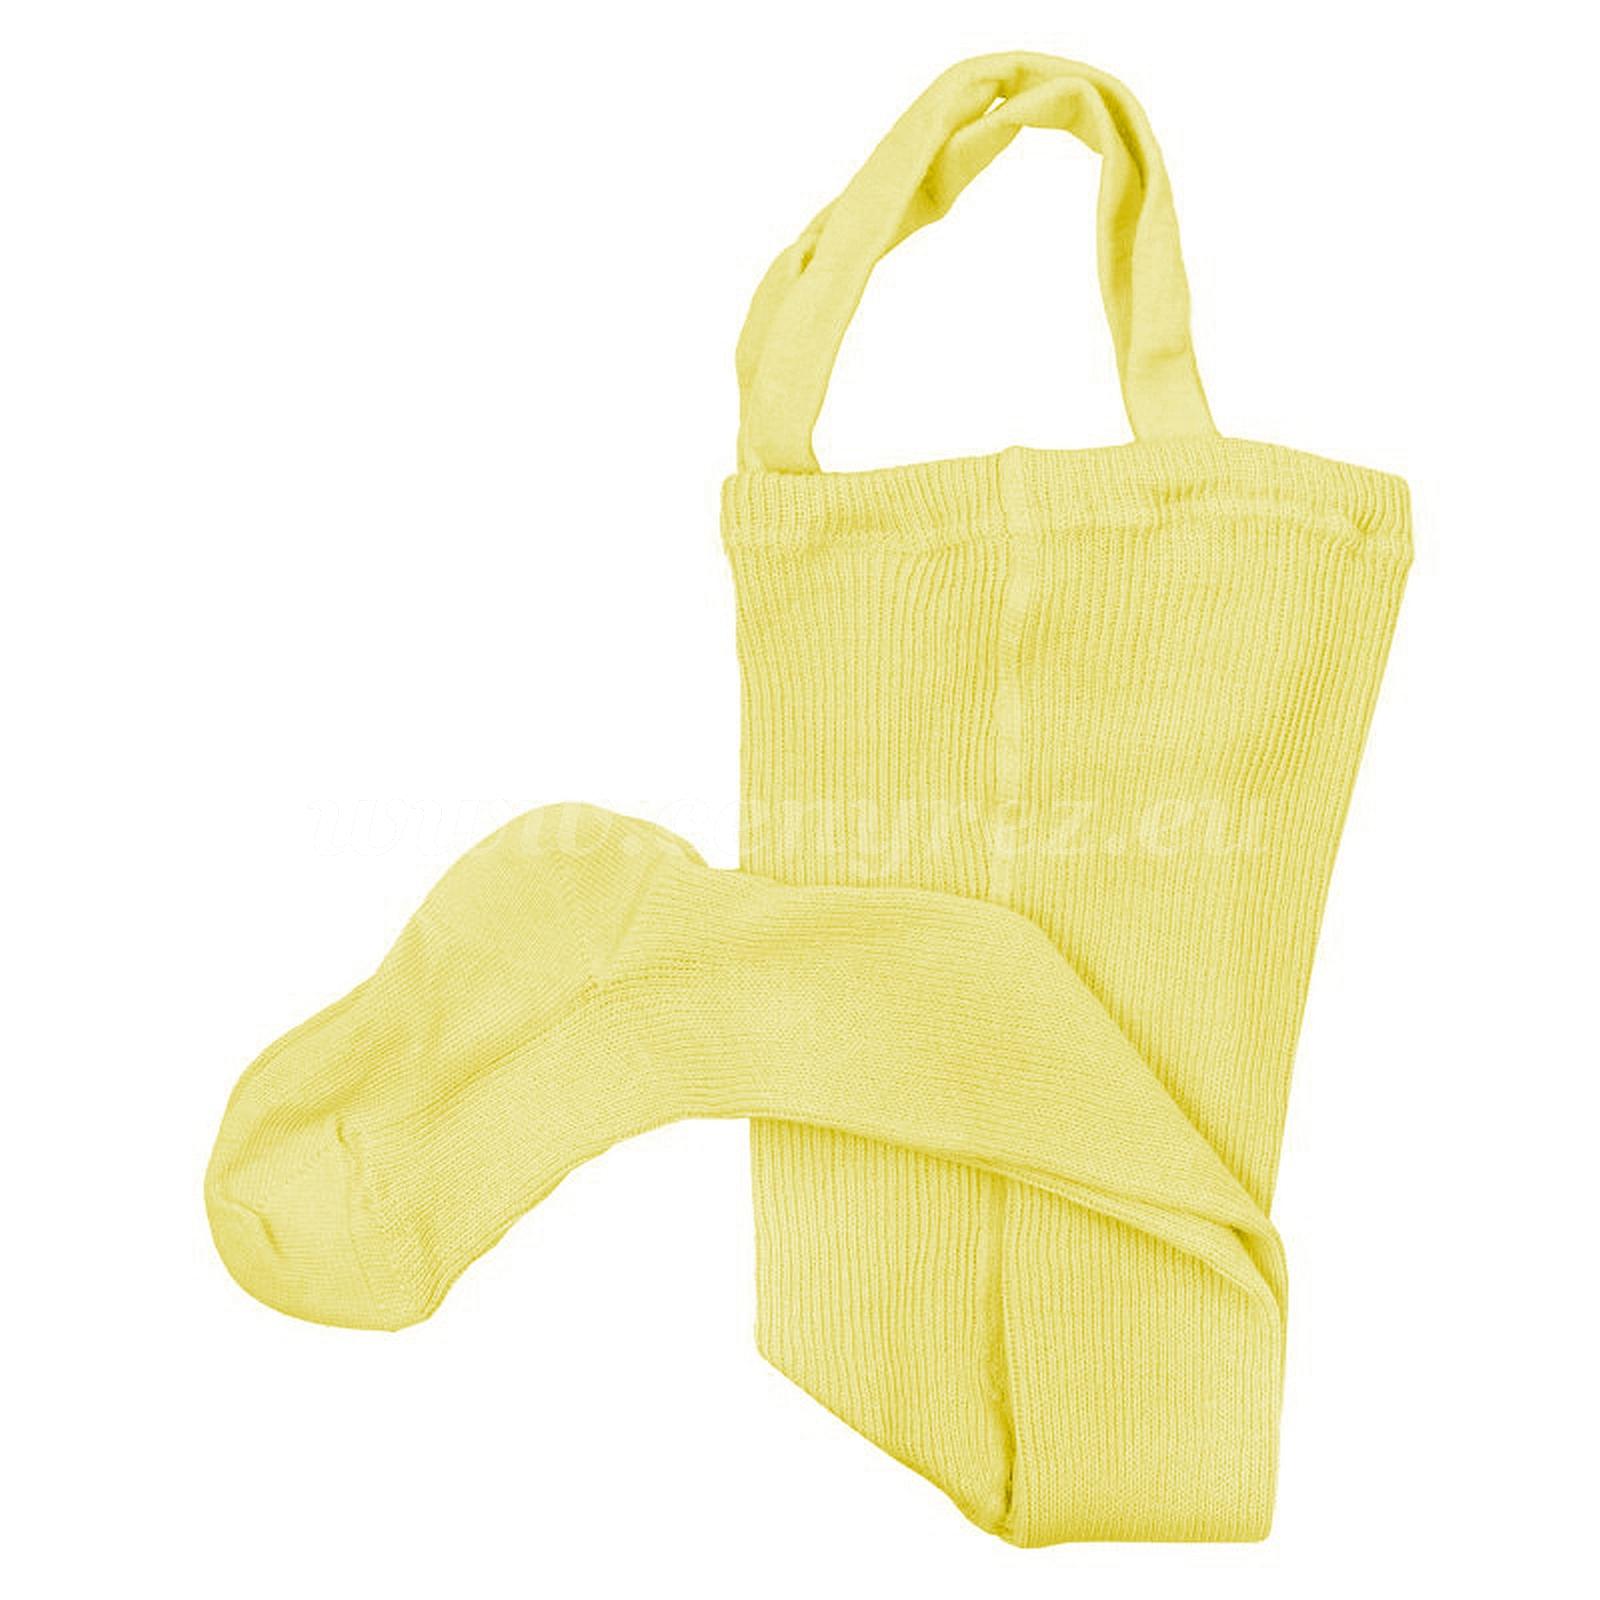 DUCIKA punčocháče se šlemi - žlutá